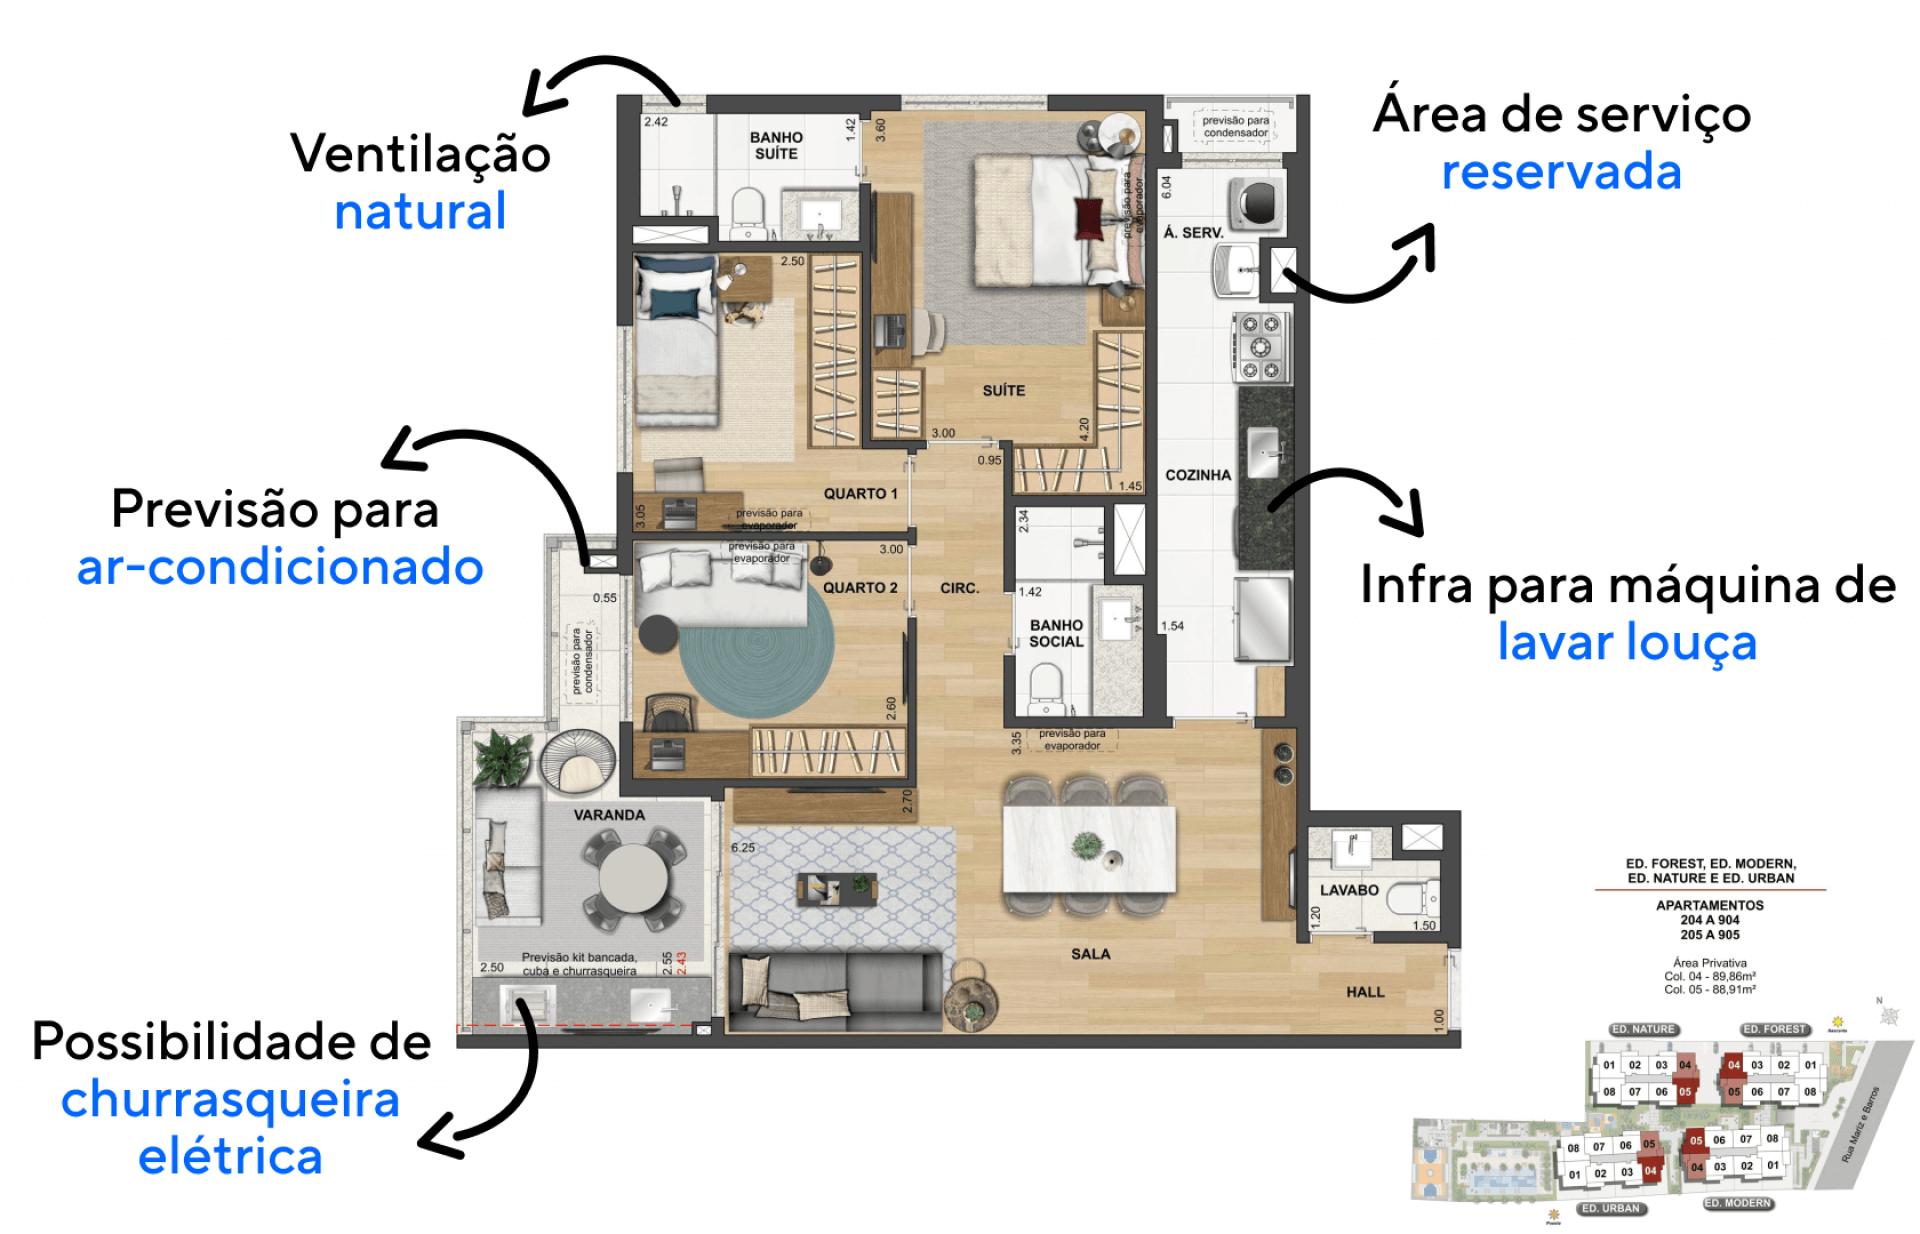 89 M² - 3 QUARTOS, SENDO 1 SUÍTE. Apartamentos com planta funcional para o dia a dia de uma família, com confortáveis quartos, sala de jantar e estar integradas, varanda e uma bela cozinha é uma configuração ideal para uma família de 4 pessoas.